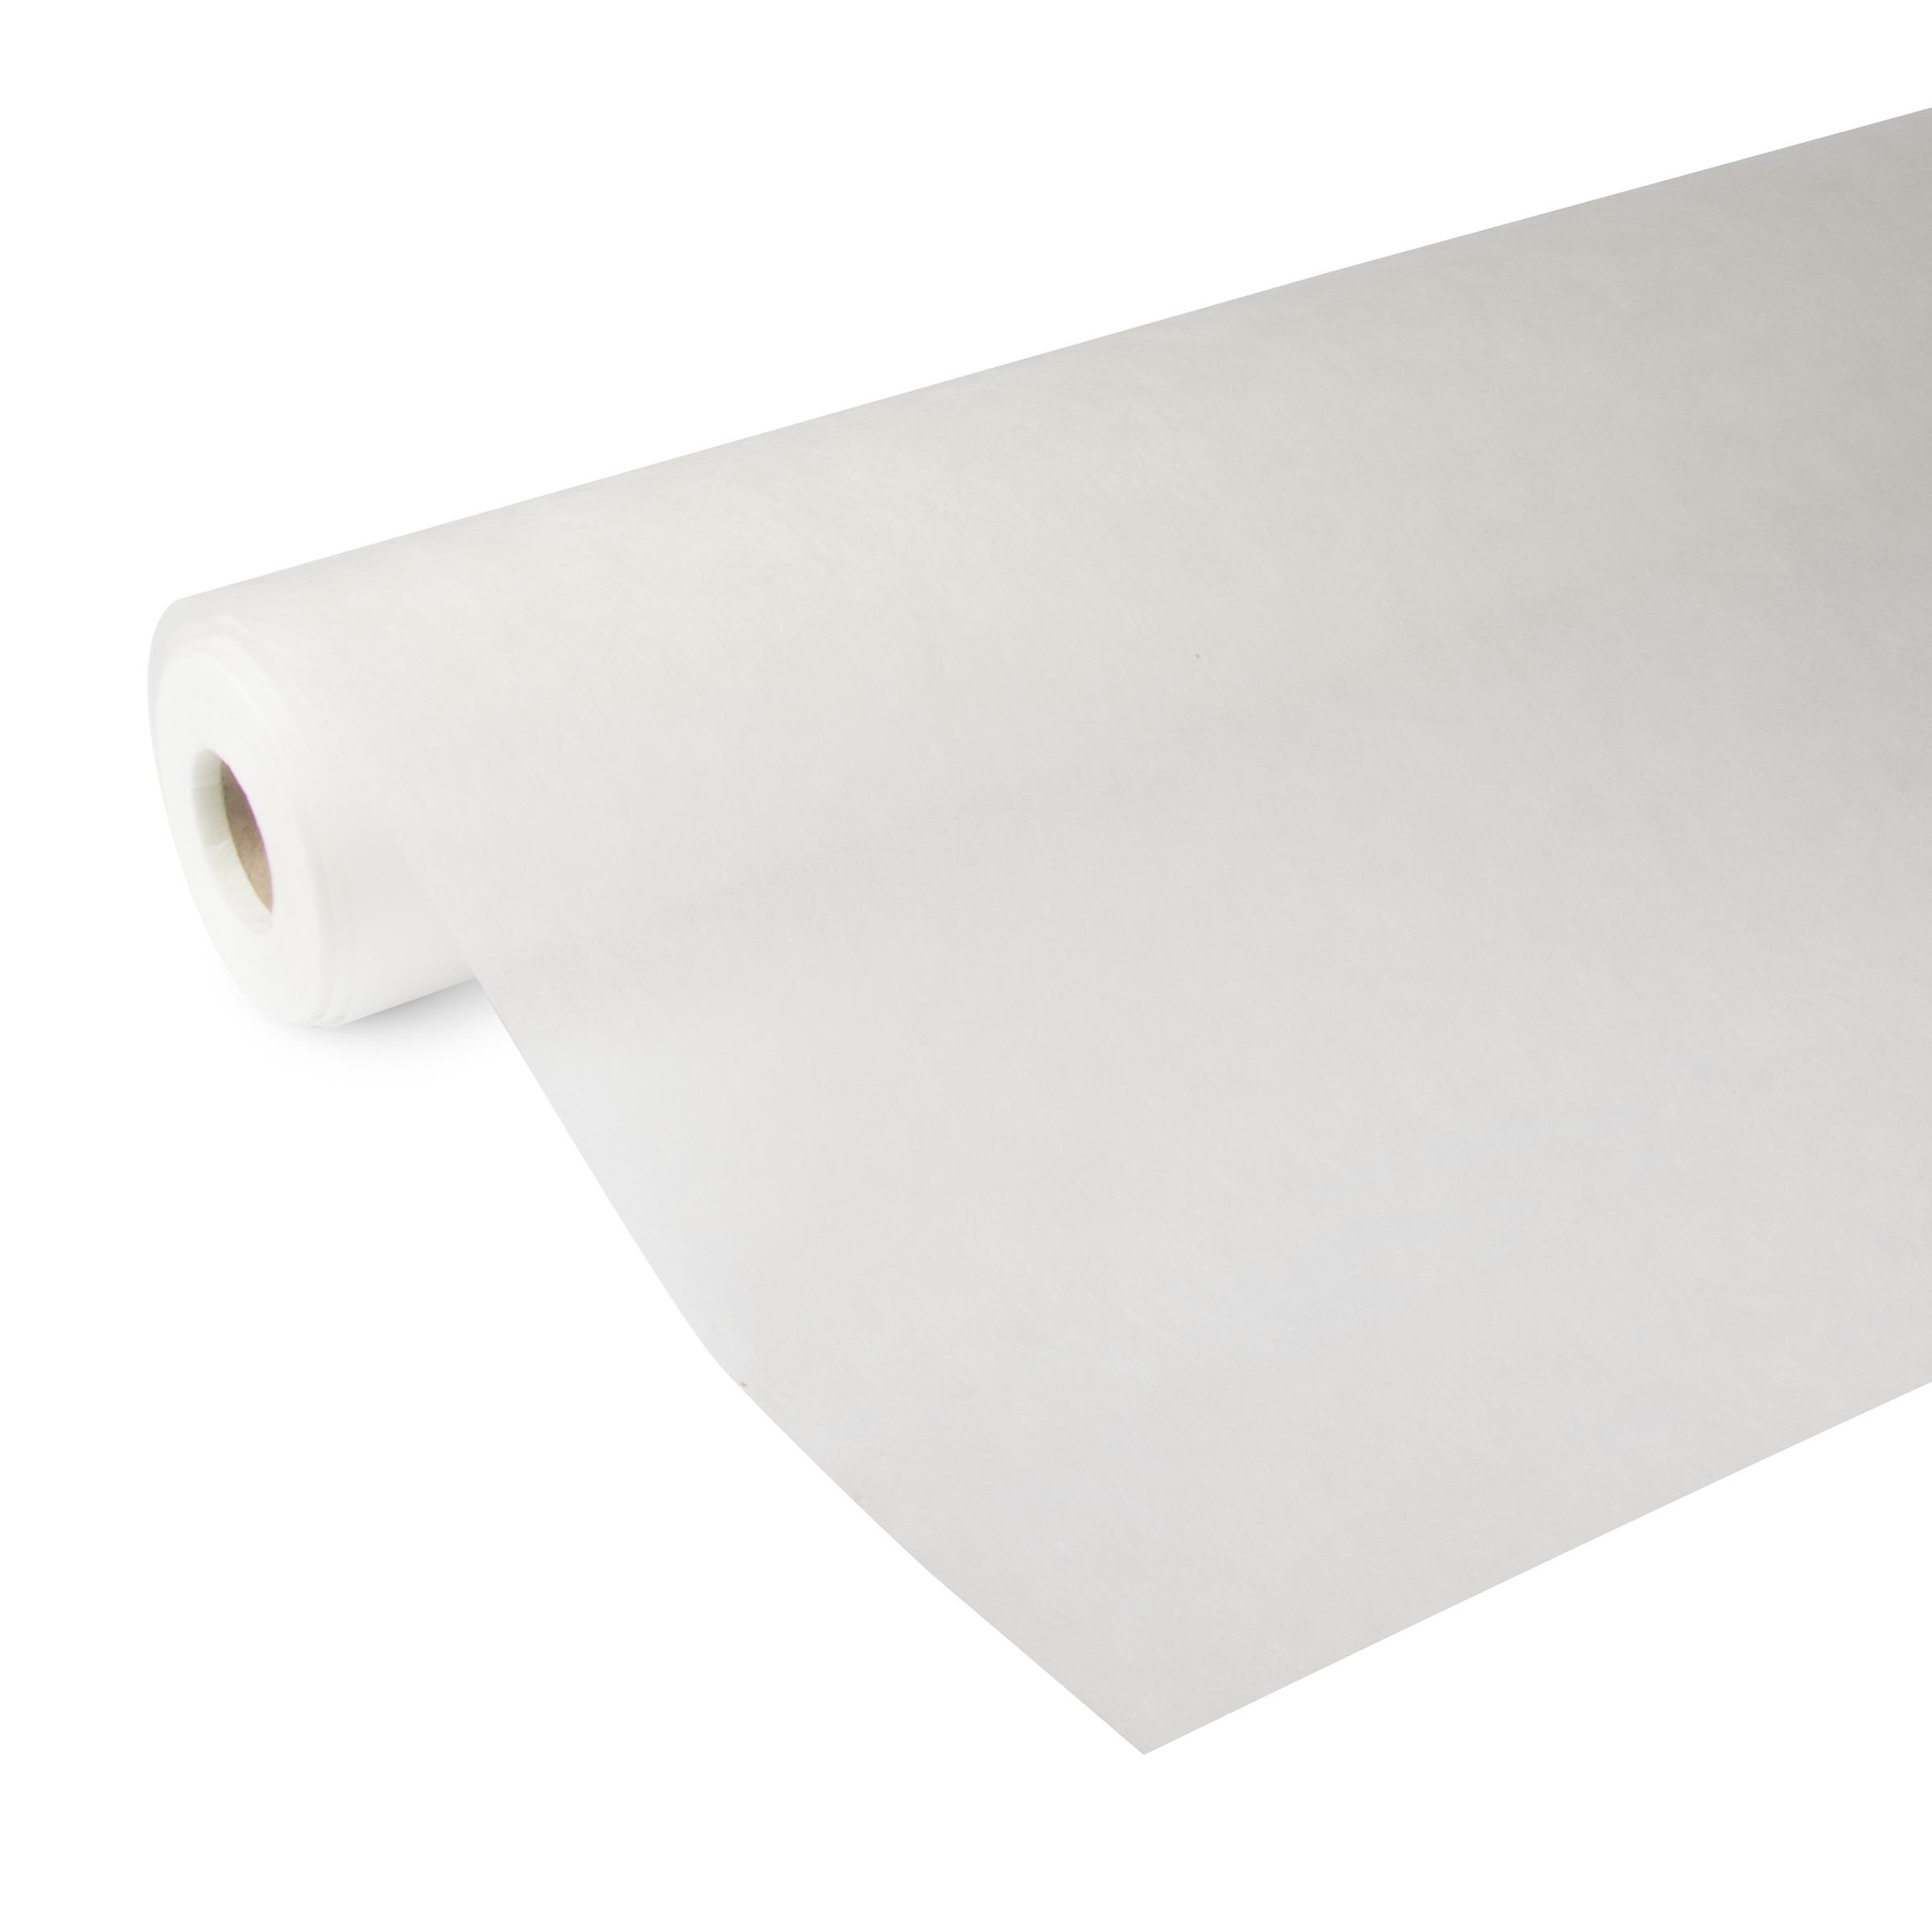 Glasweefselbehang ruit voorgeschilderd wit 50 meter (dessin GW403-50)